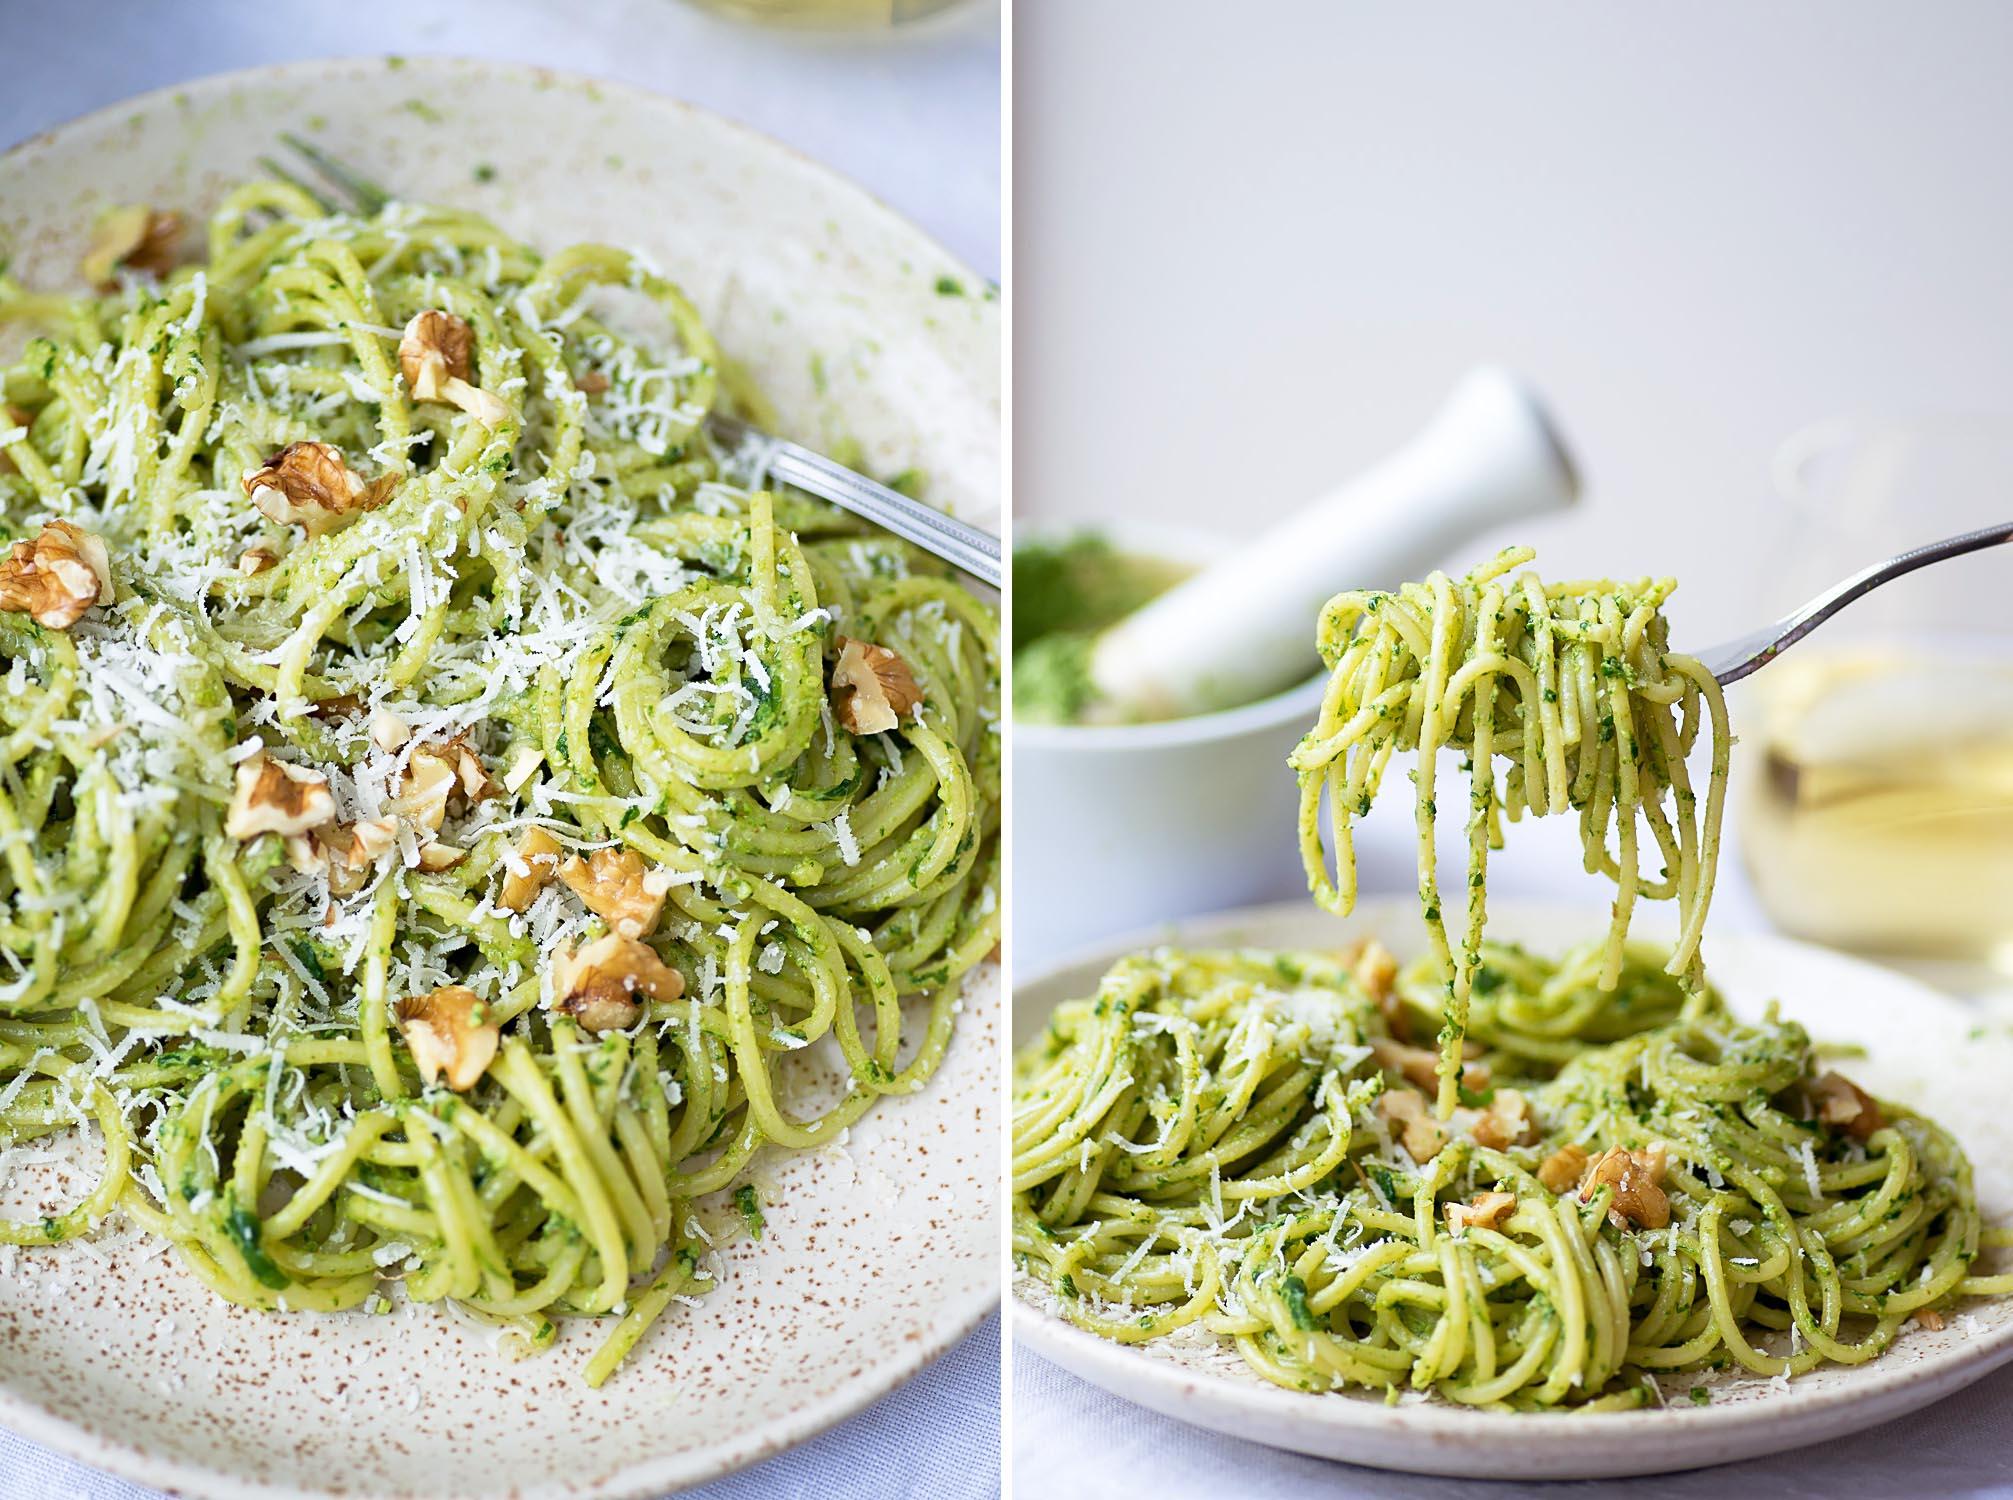 Spaghetti with Rocket and Walnut Pesto [recipe and photography by Mondomulia]